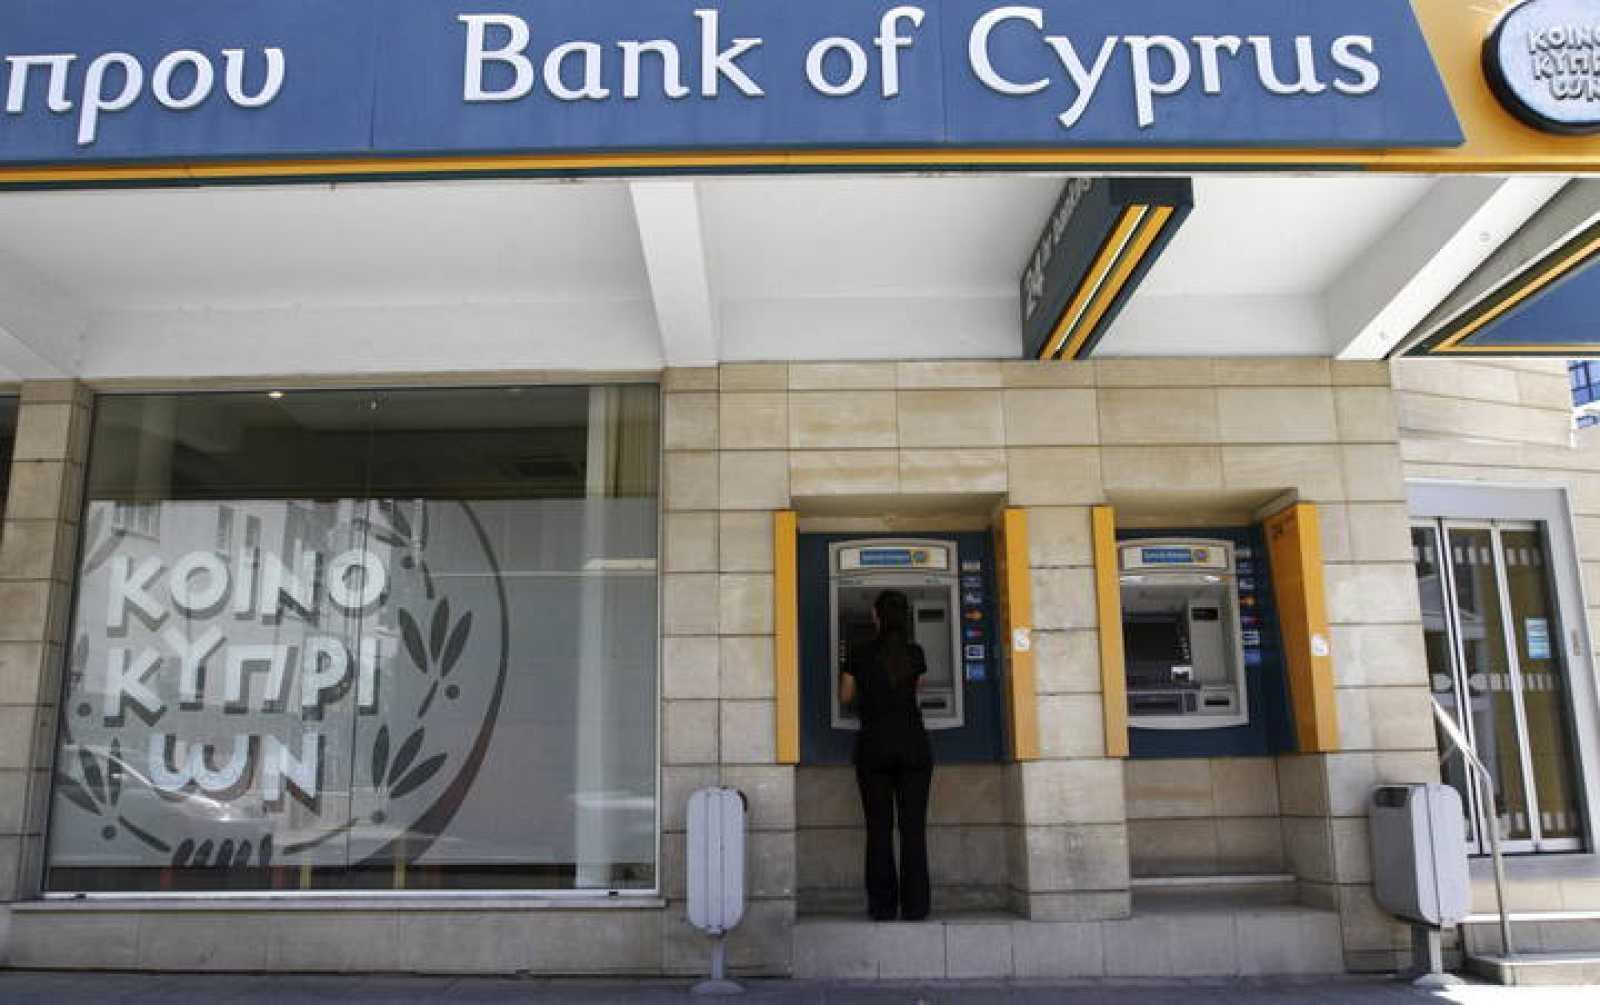 Una mujer retira dinero de un cajero automático del Banco de Chipre en Nicosia, Chipre